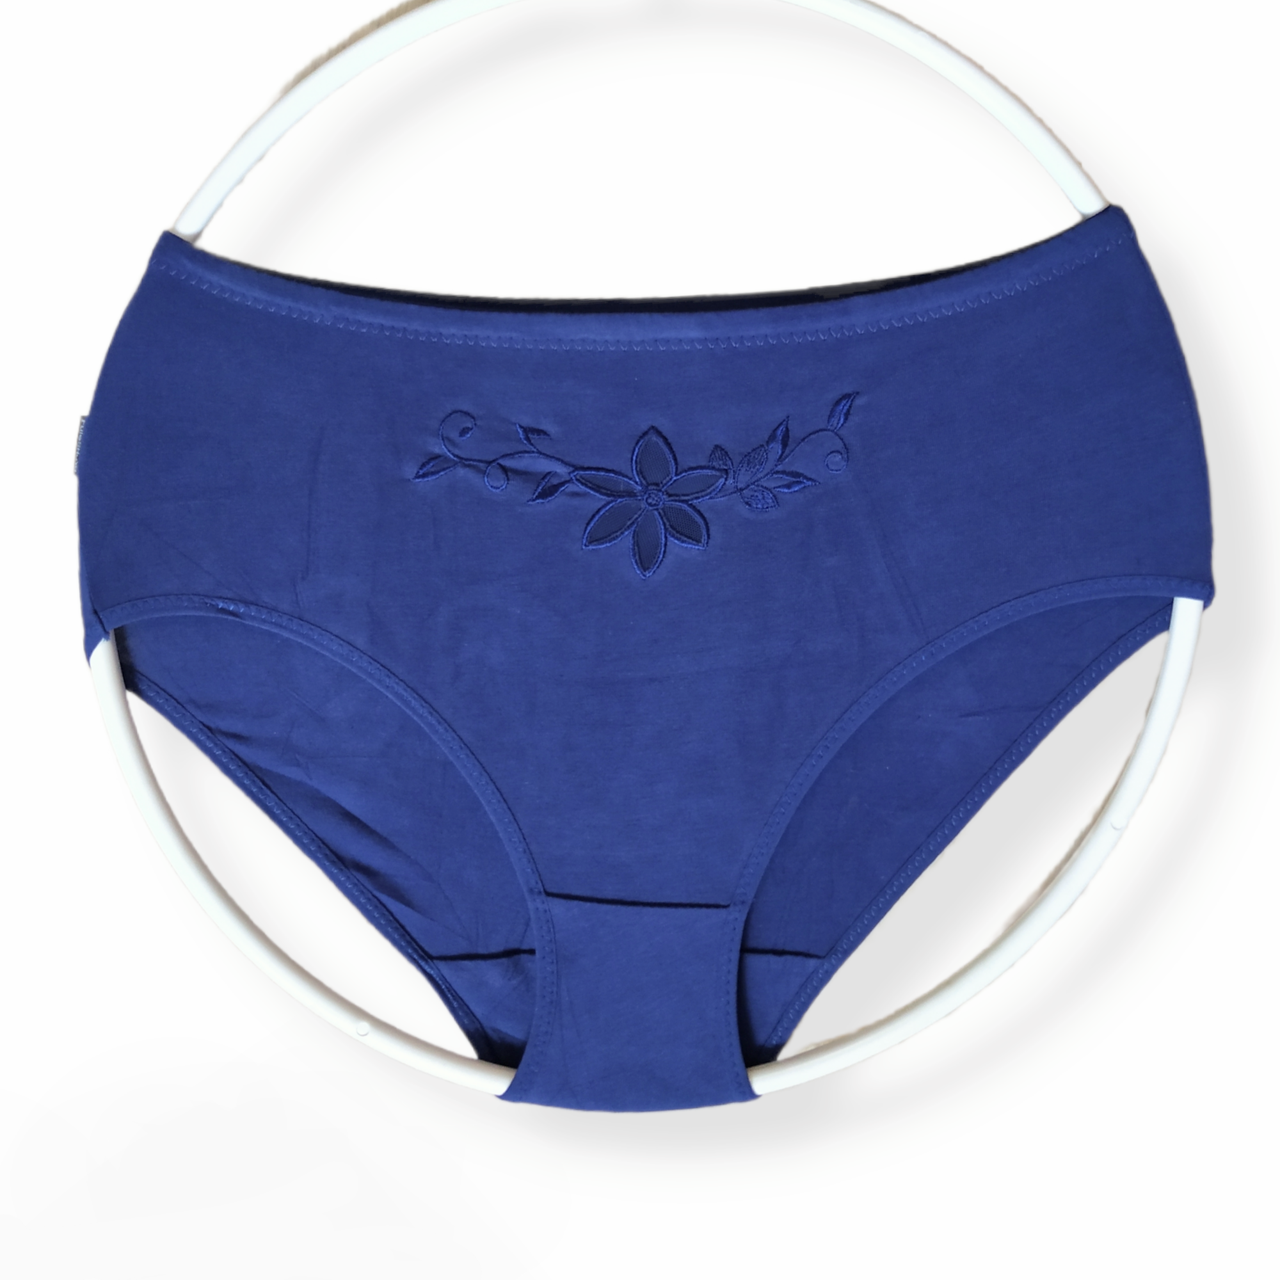 Трусики женские хлопковые  размер 52 синие высокая талия